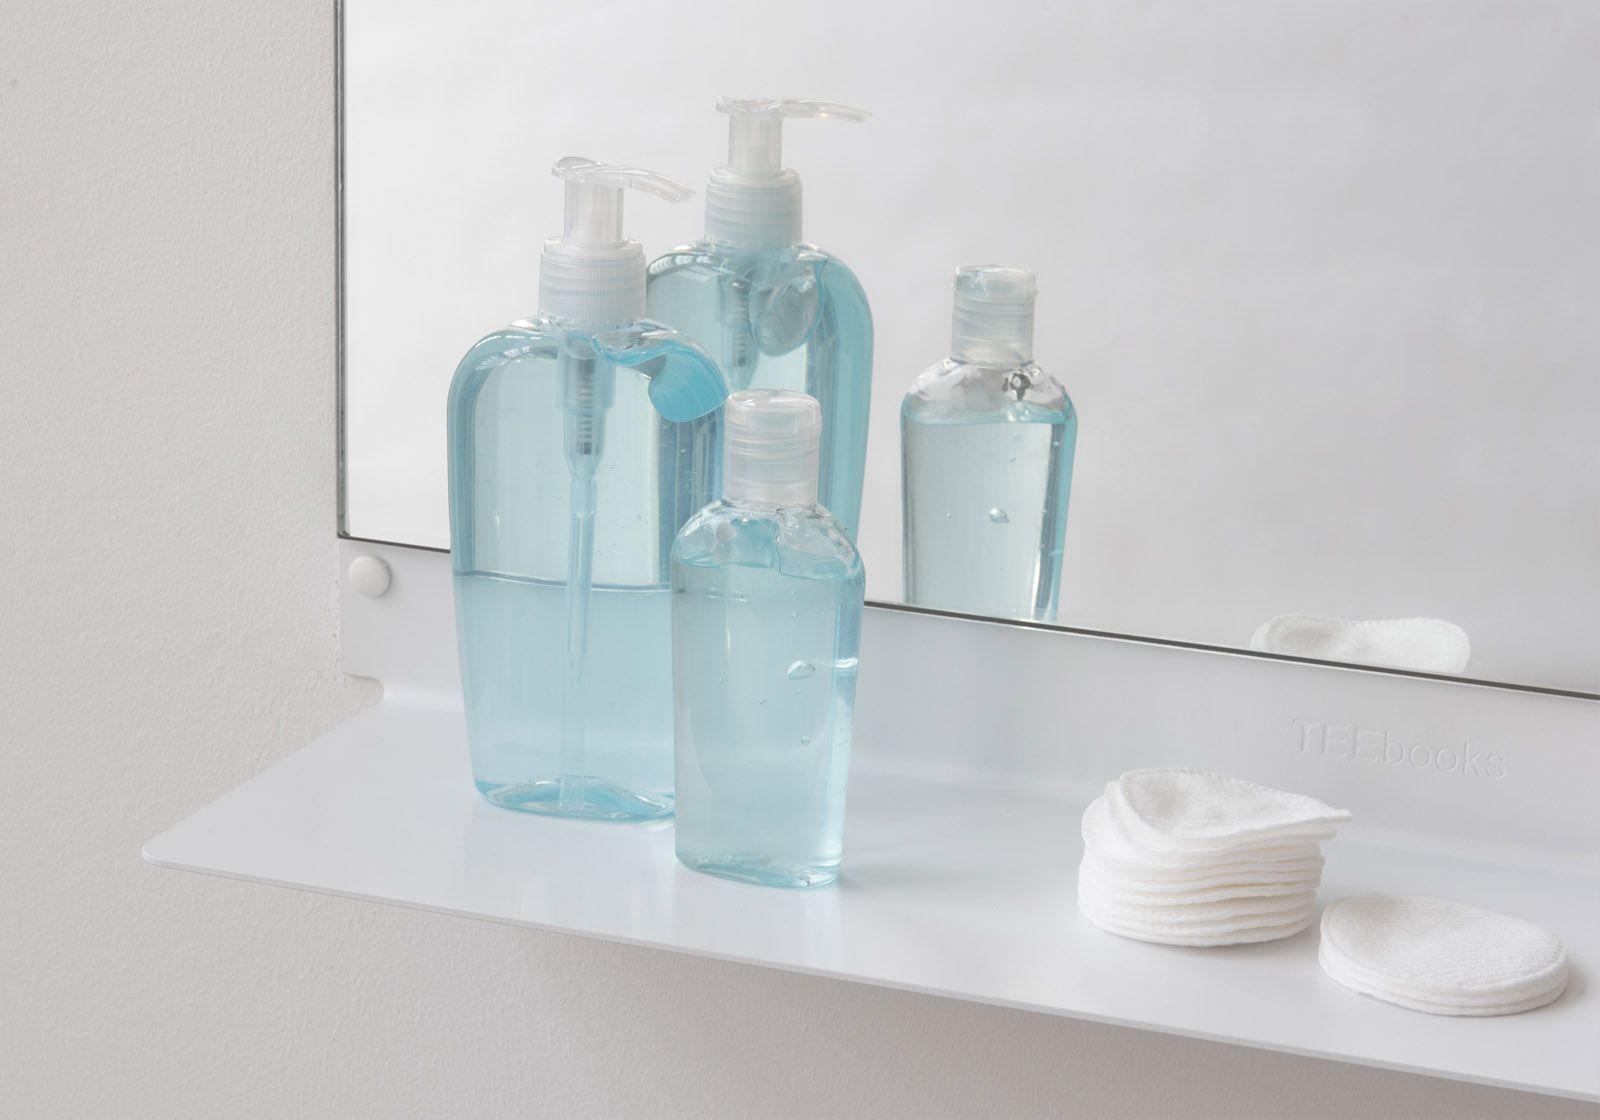 Floating Bathroom shelves TEEline 6015 - Set of 4 - TEEbooks